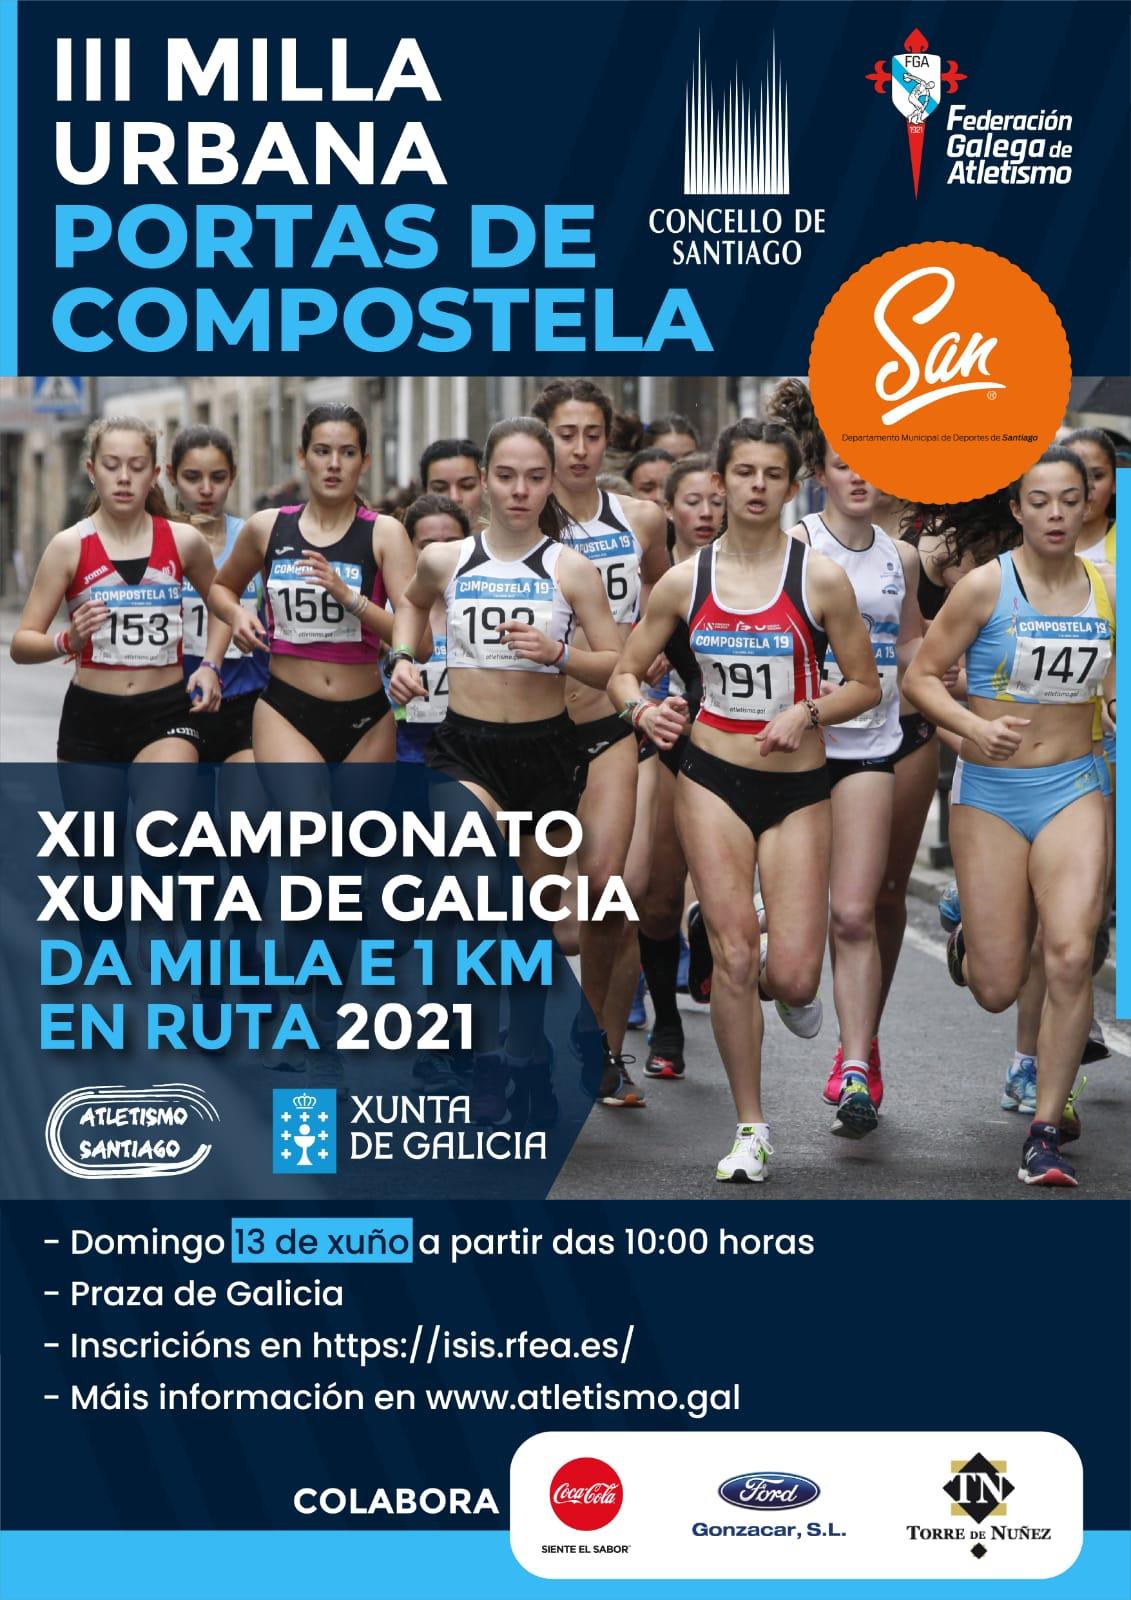 XII Campionato Xunta de Galicia de Milla en Ruta 2021 e Cto. Xunta de Galicia de 1Km